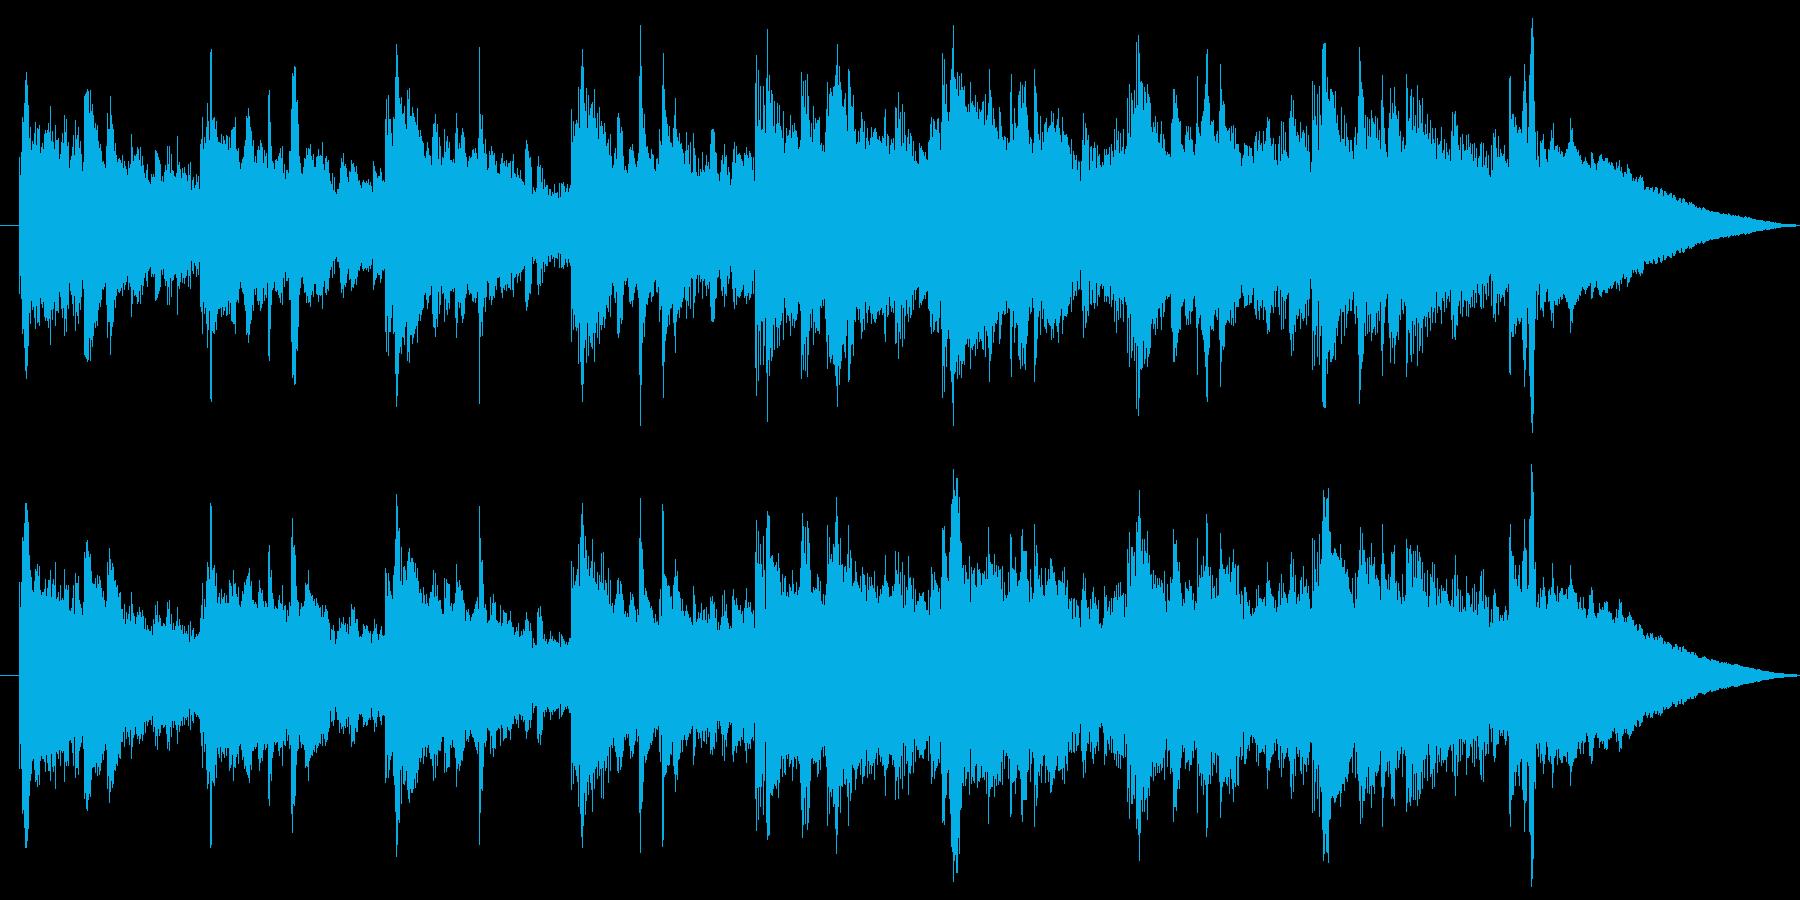 爽やかで華やかなアコースティックBGMの再生済みの波形